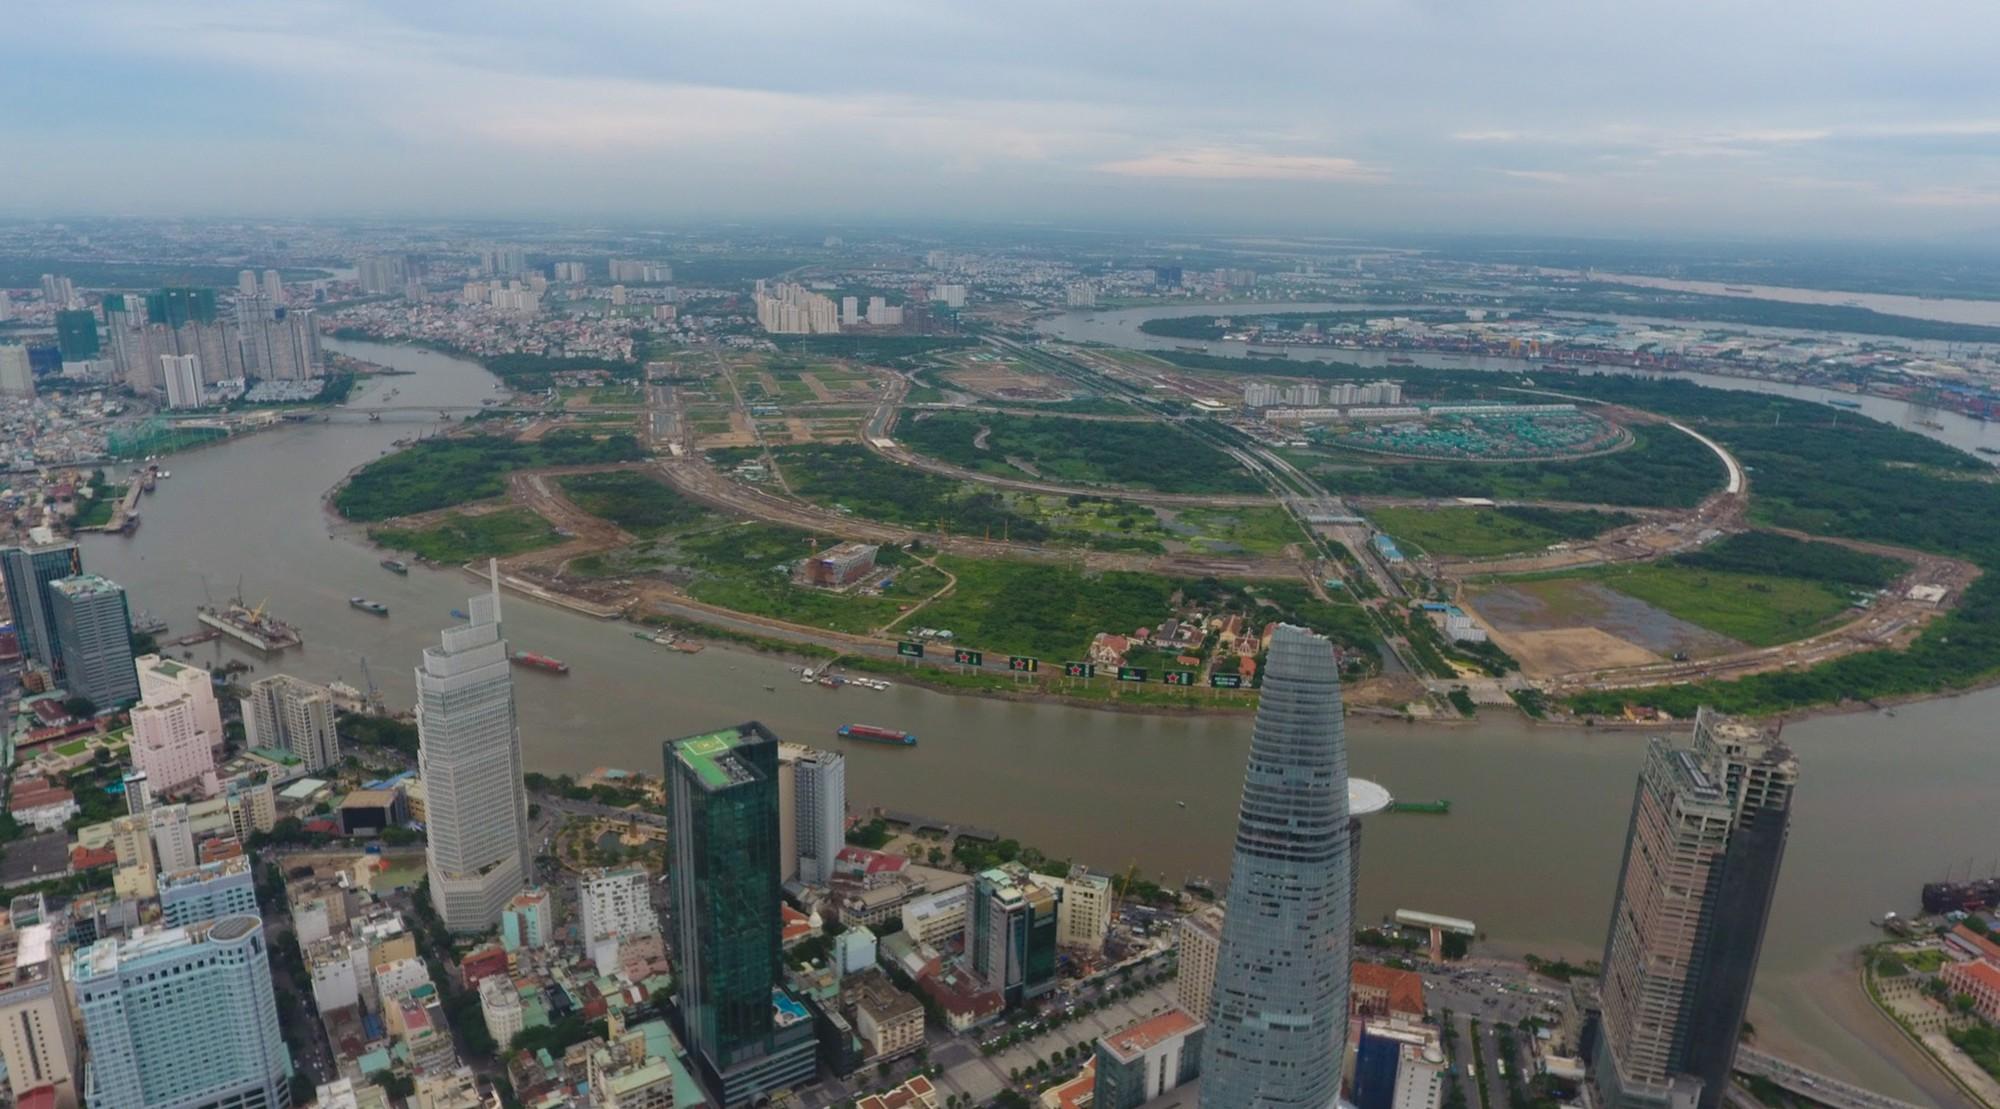 Diện mạo bán đảo Thủ Thiêm - khu đô thị đẹp nhất Sài Gòn nhìn từ trên cao - Ảnh 3.